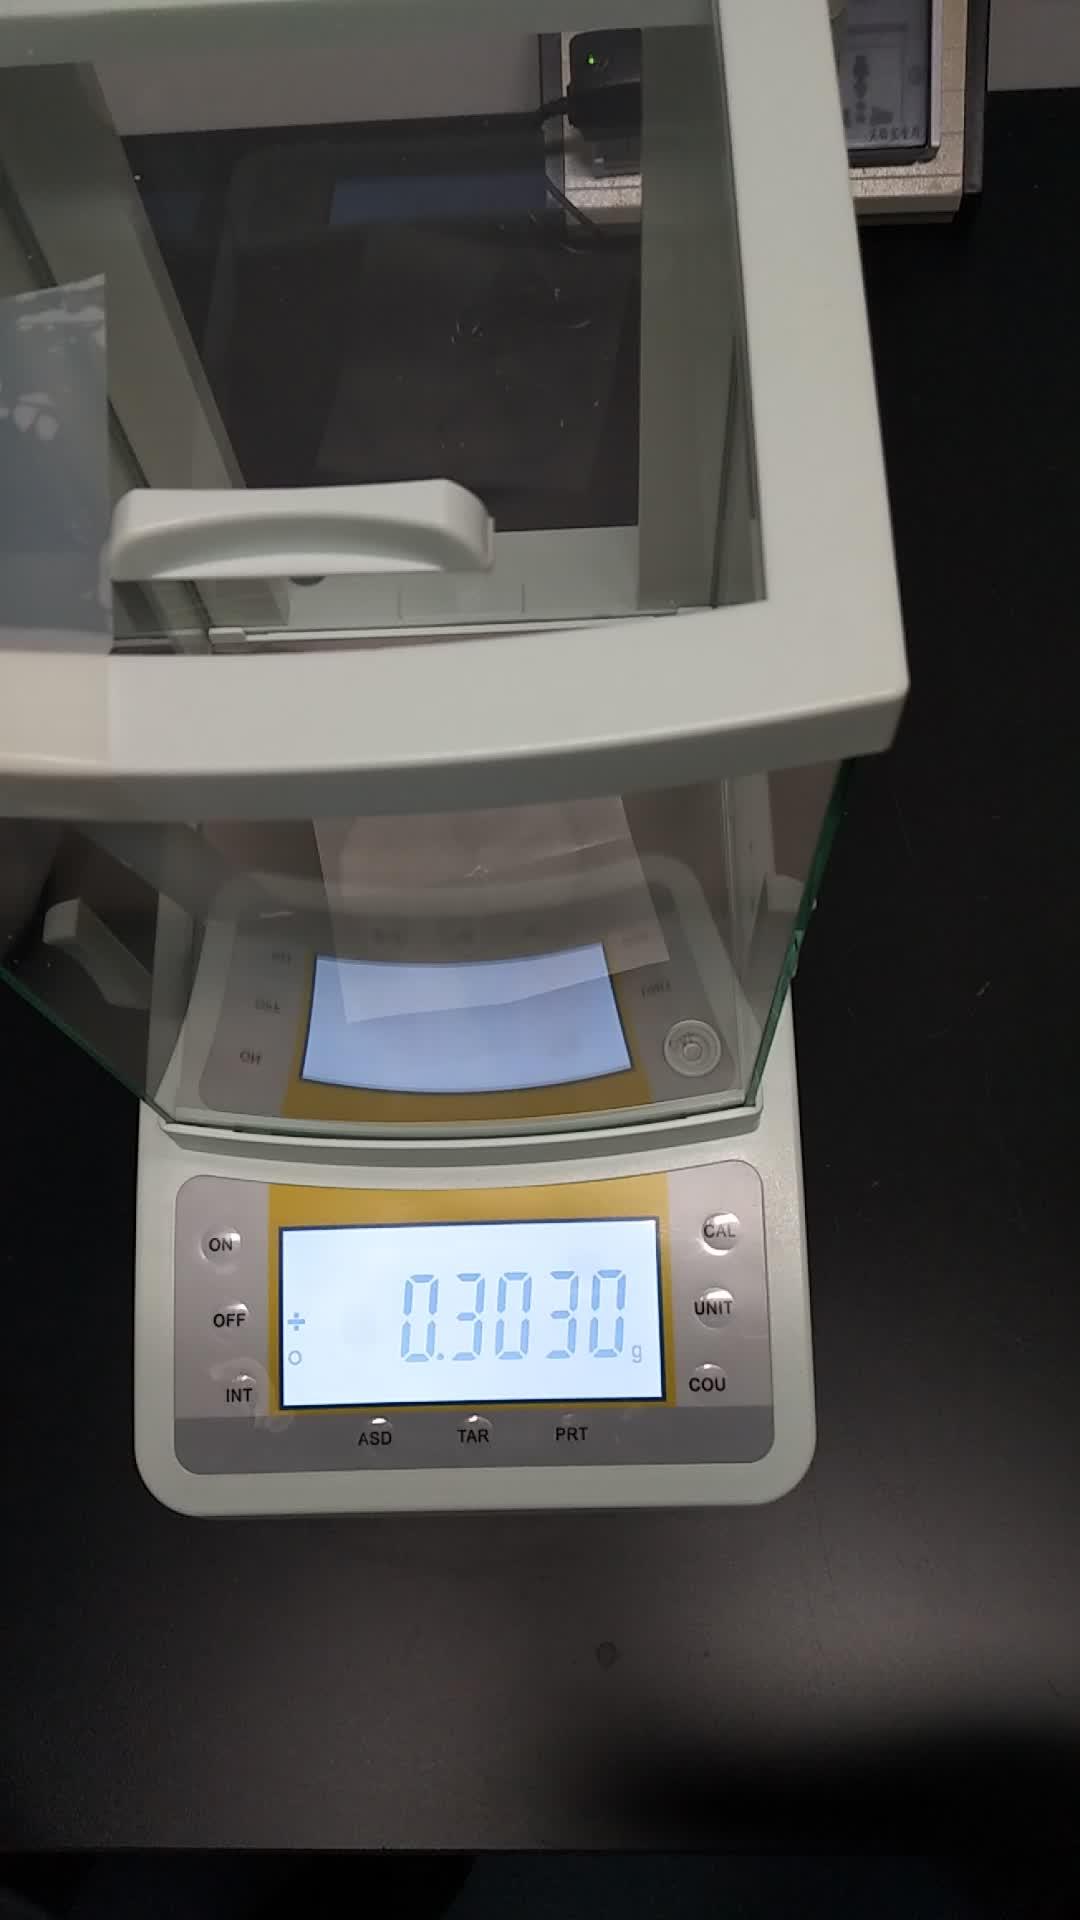 実験室デジタル電子分析バランス 0.1mg 精度/高精度バランス 220/0。0001 グラム automic とキャリブレーション